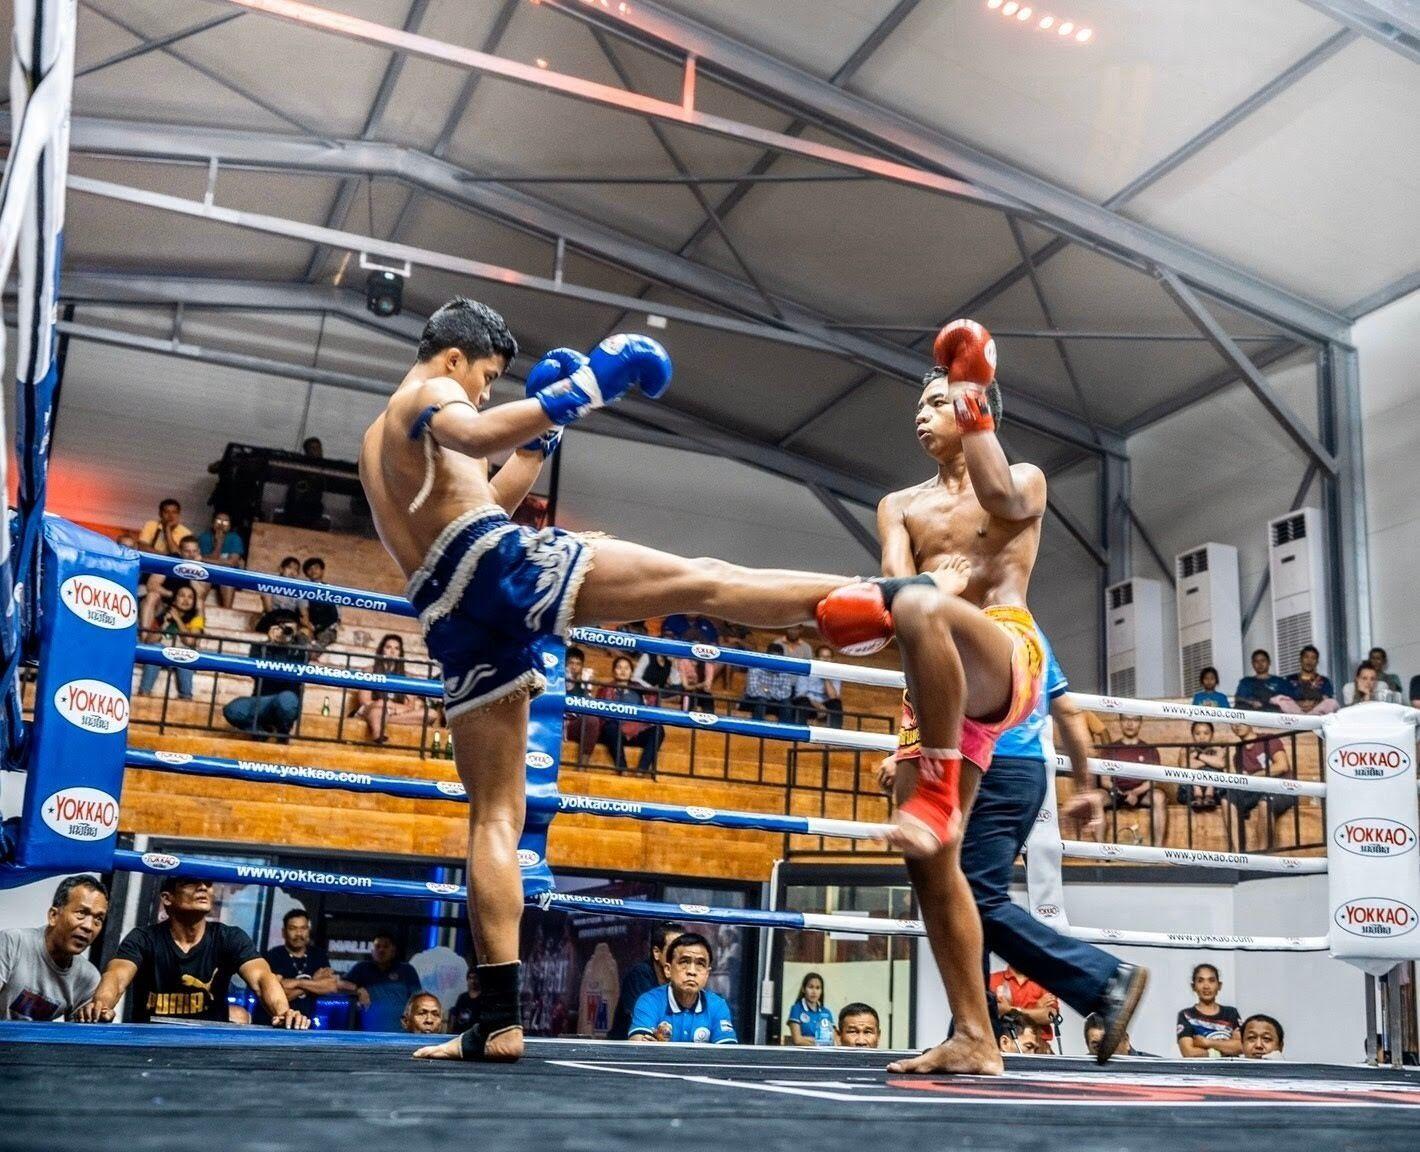 VIP Ticket to William Muay Thai Boxing Stadium in Ao Nang Landmark